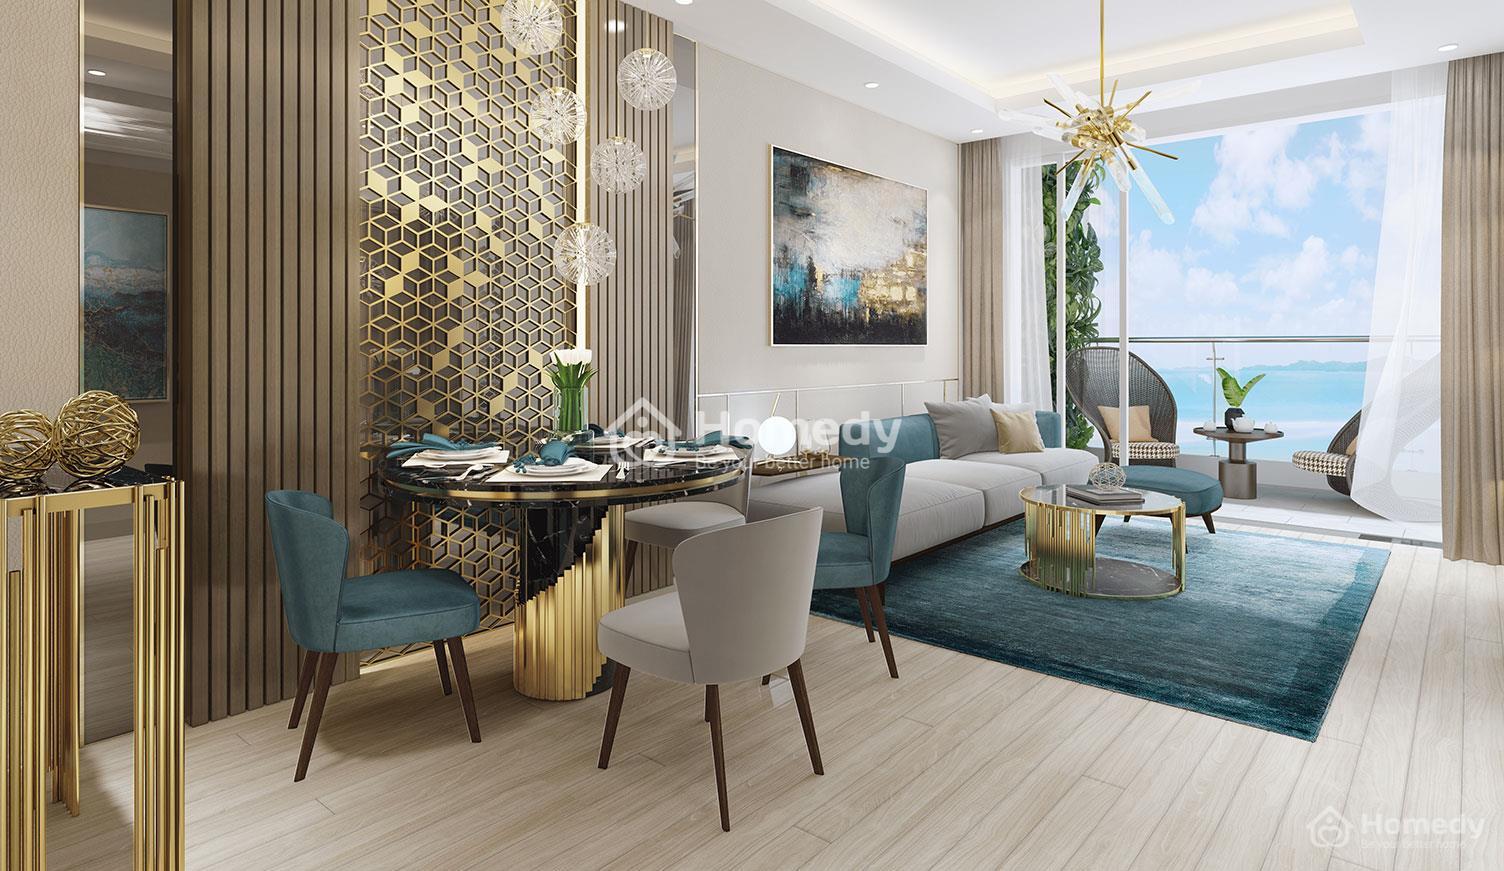 Căn hộ Quy Nhơn Melody có thiết kế căn hộ sang trọng